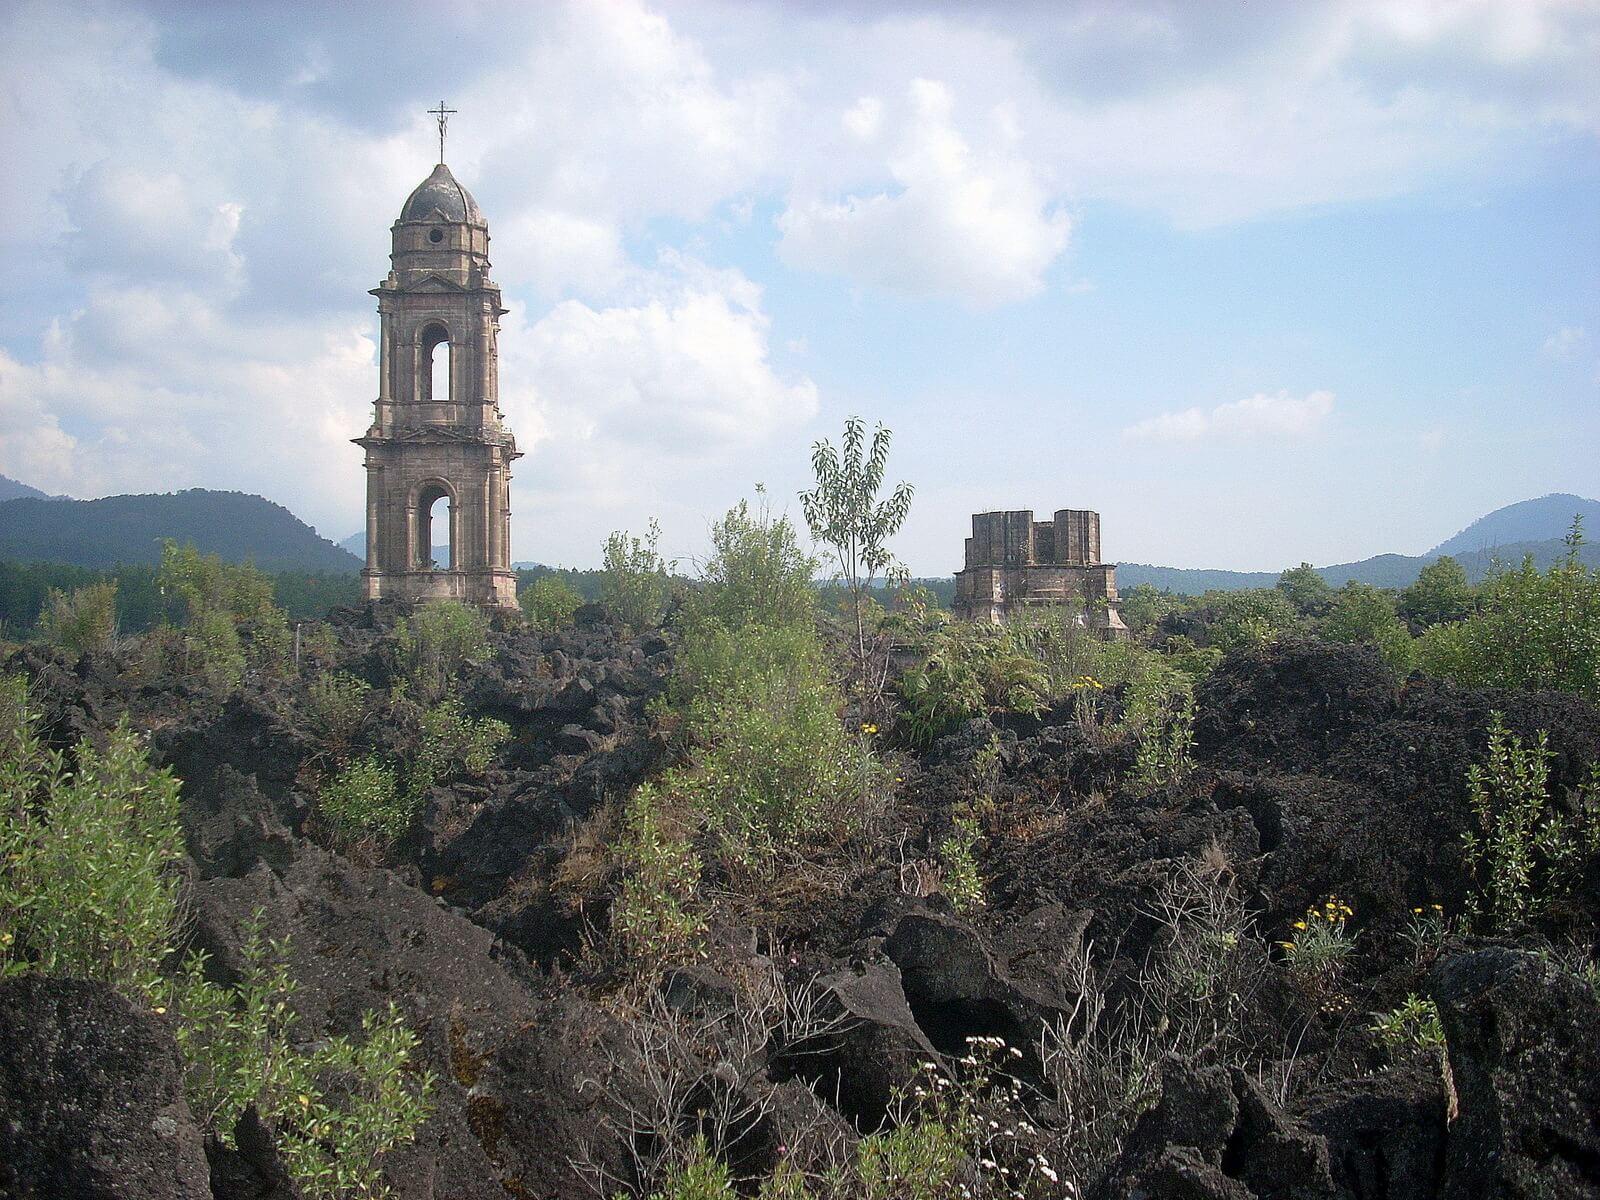 Fot. 7. Paricutin – zalany lawą kościół, jedyny obiekt, jaki pozostał po całym miasteczku.